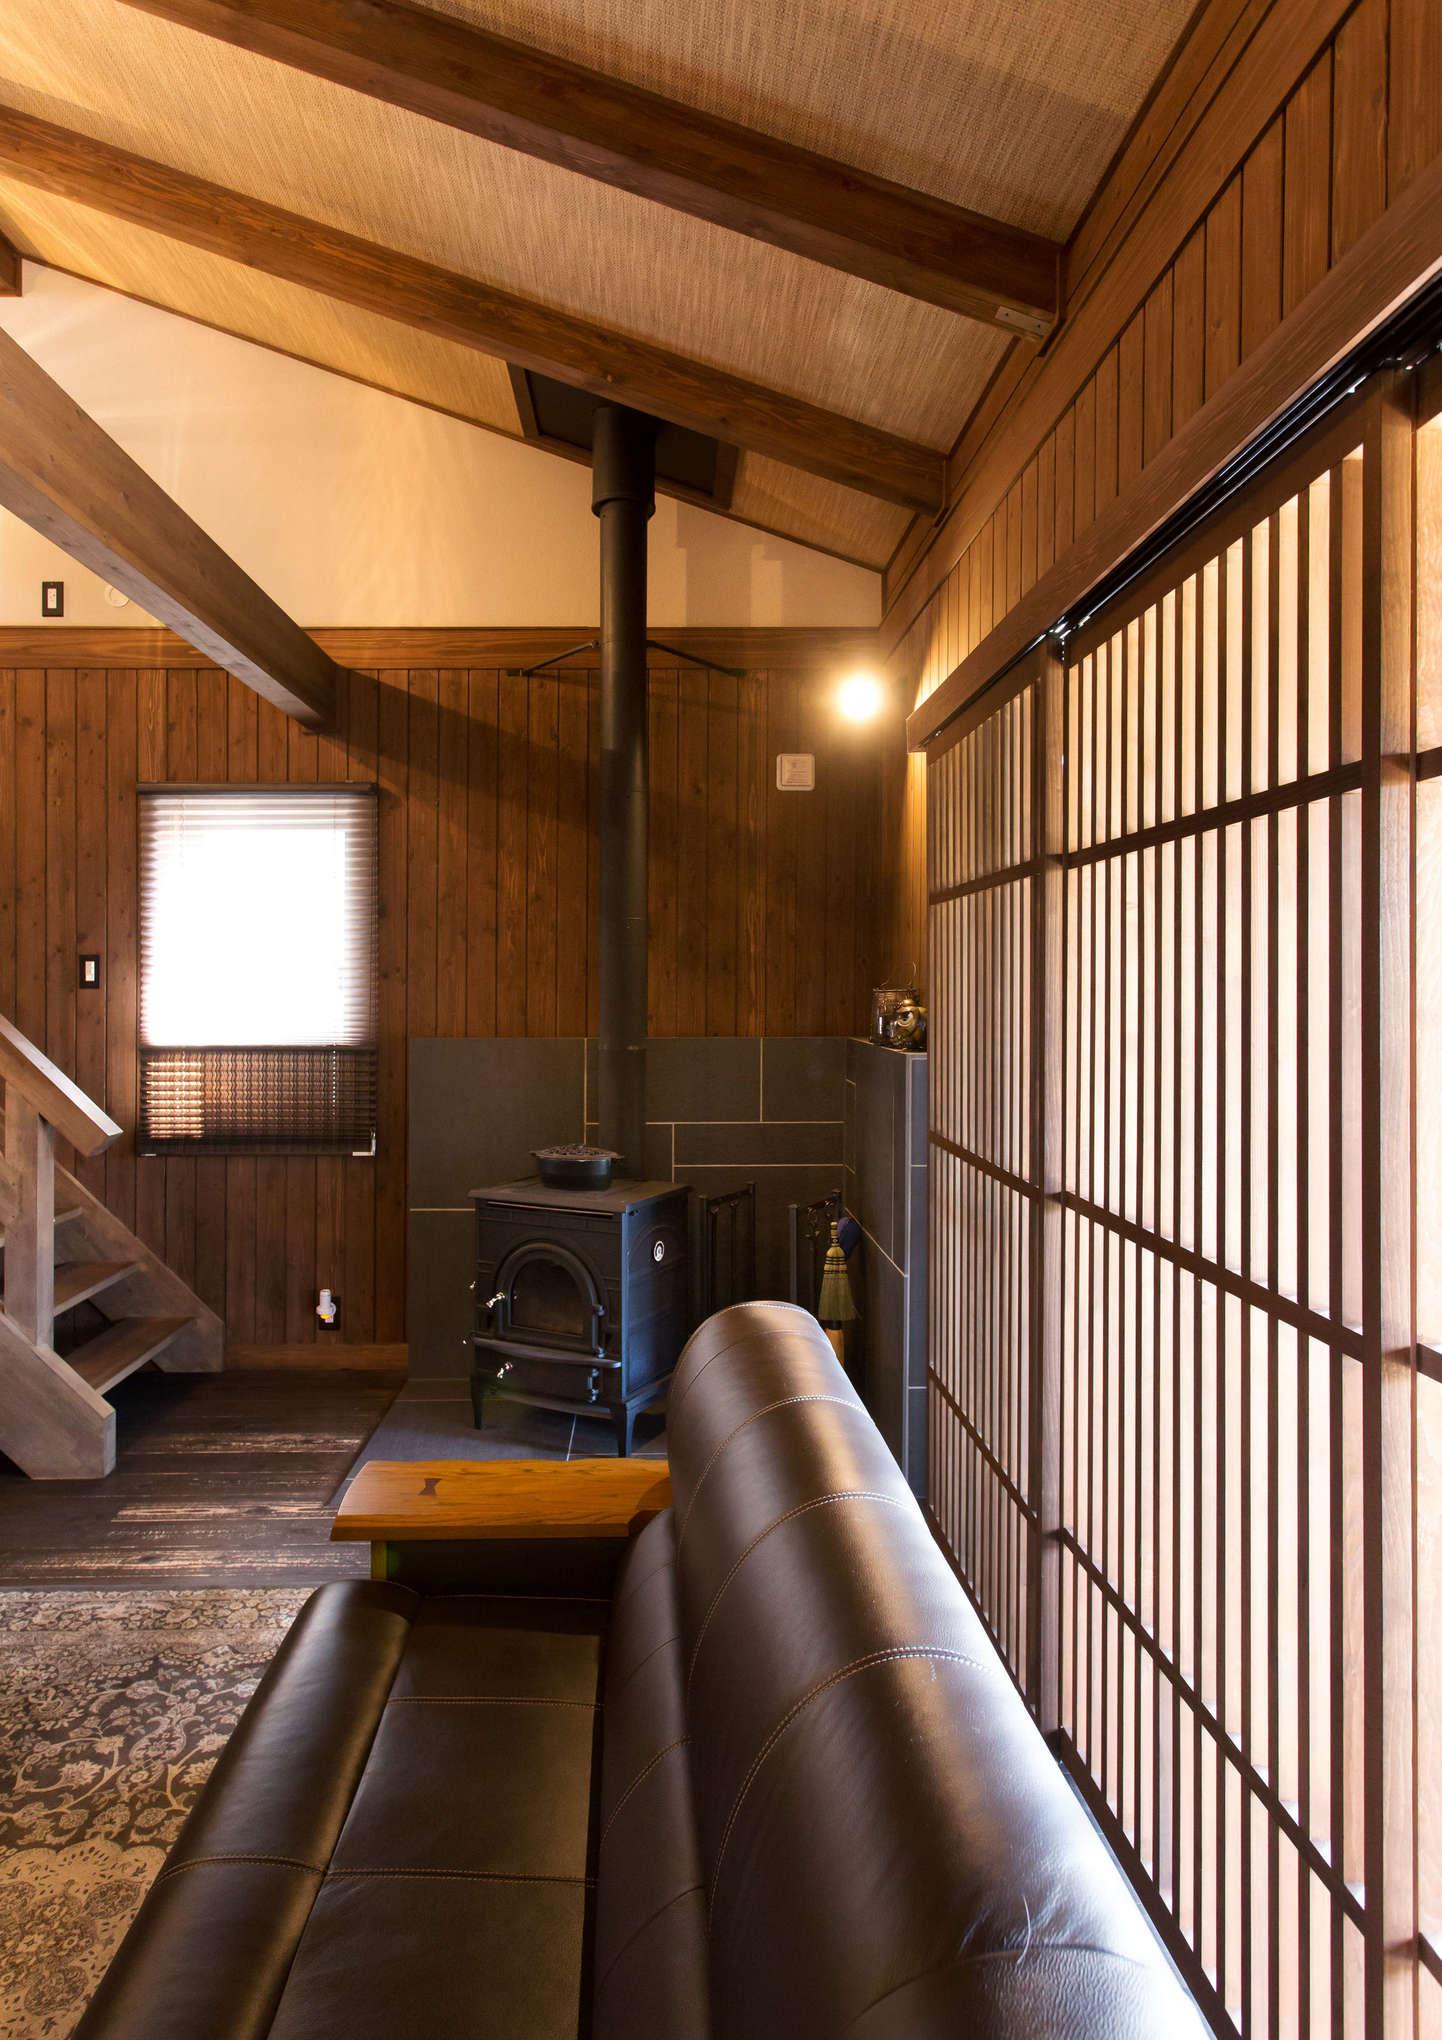 デザイン重視で選んだダッチウエストの薪ストーブがおしゃれ。炉台の石は幾何学模様を描くように組み合わせ、存在感たっぷりに仕上げた。入居後3年を経て、薪ストーブのある生活にもすっかり慣れたそう